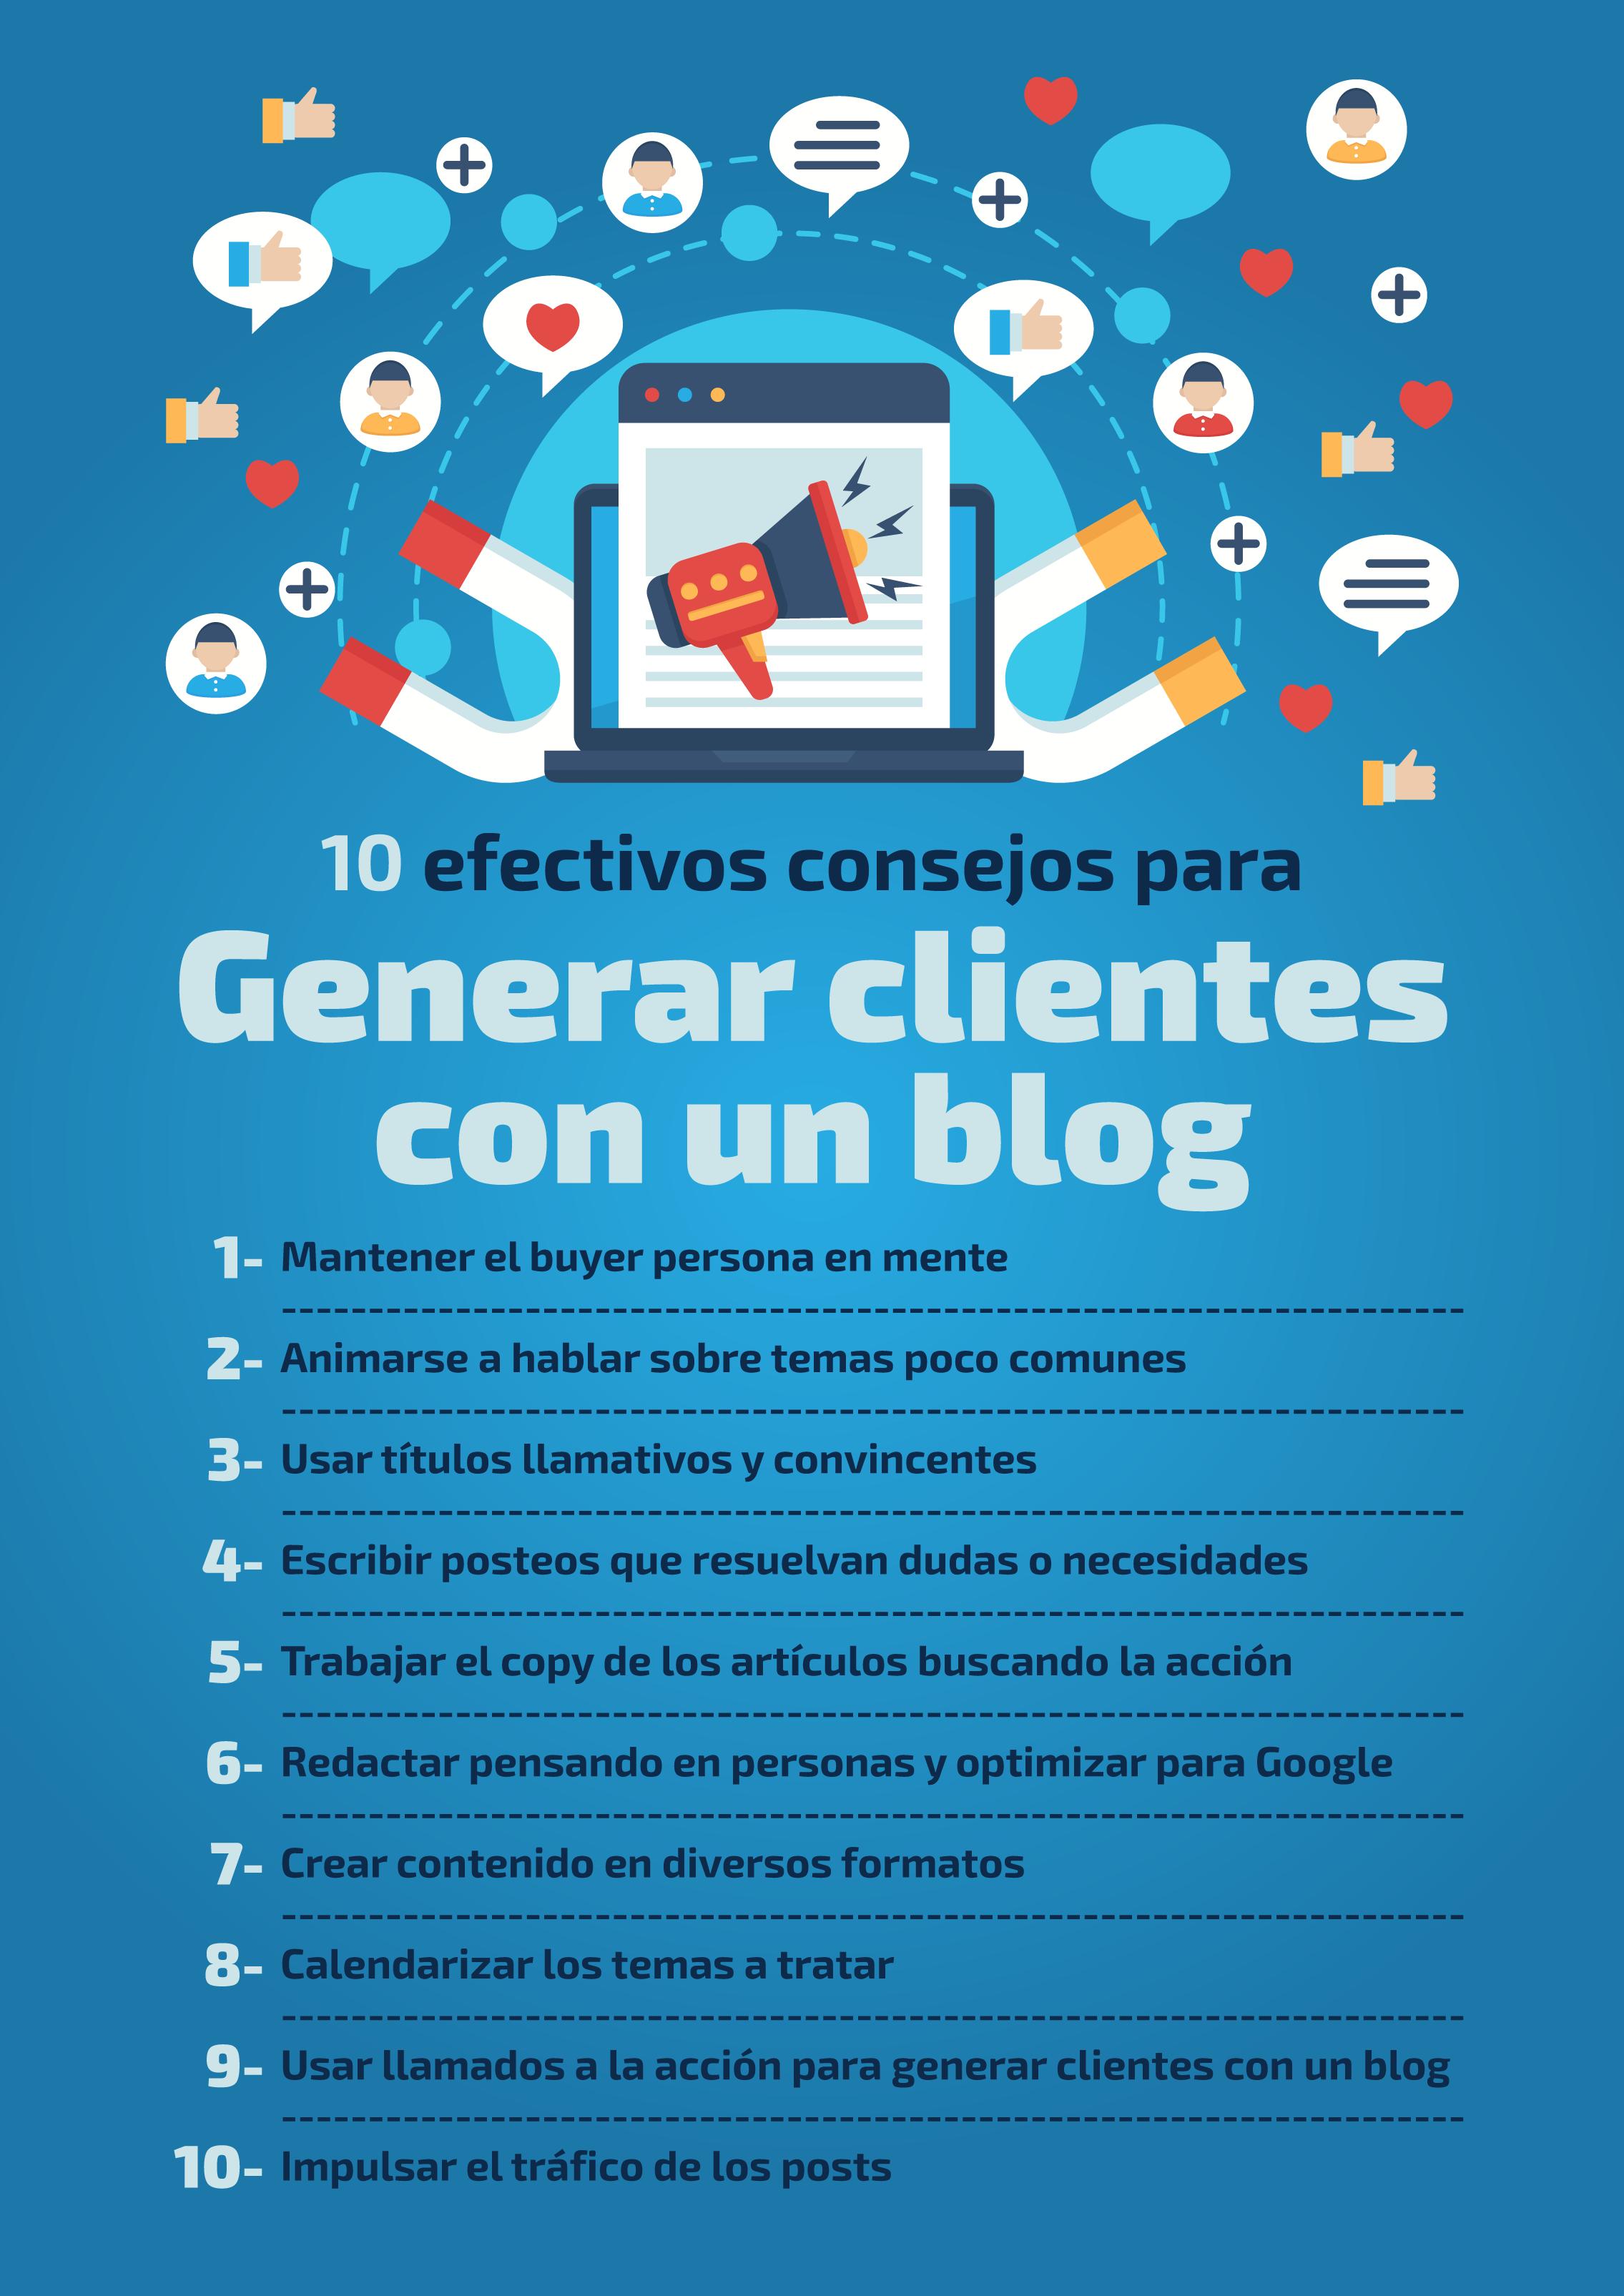 10 consejos infalibles para generar clientes con un blog